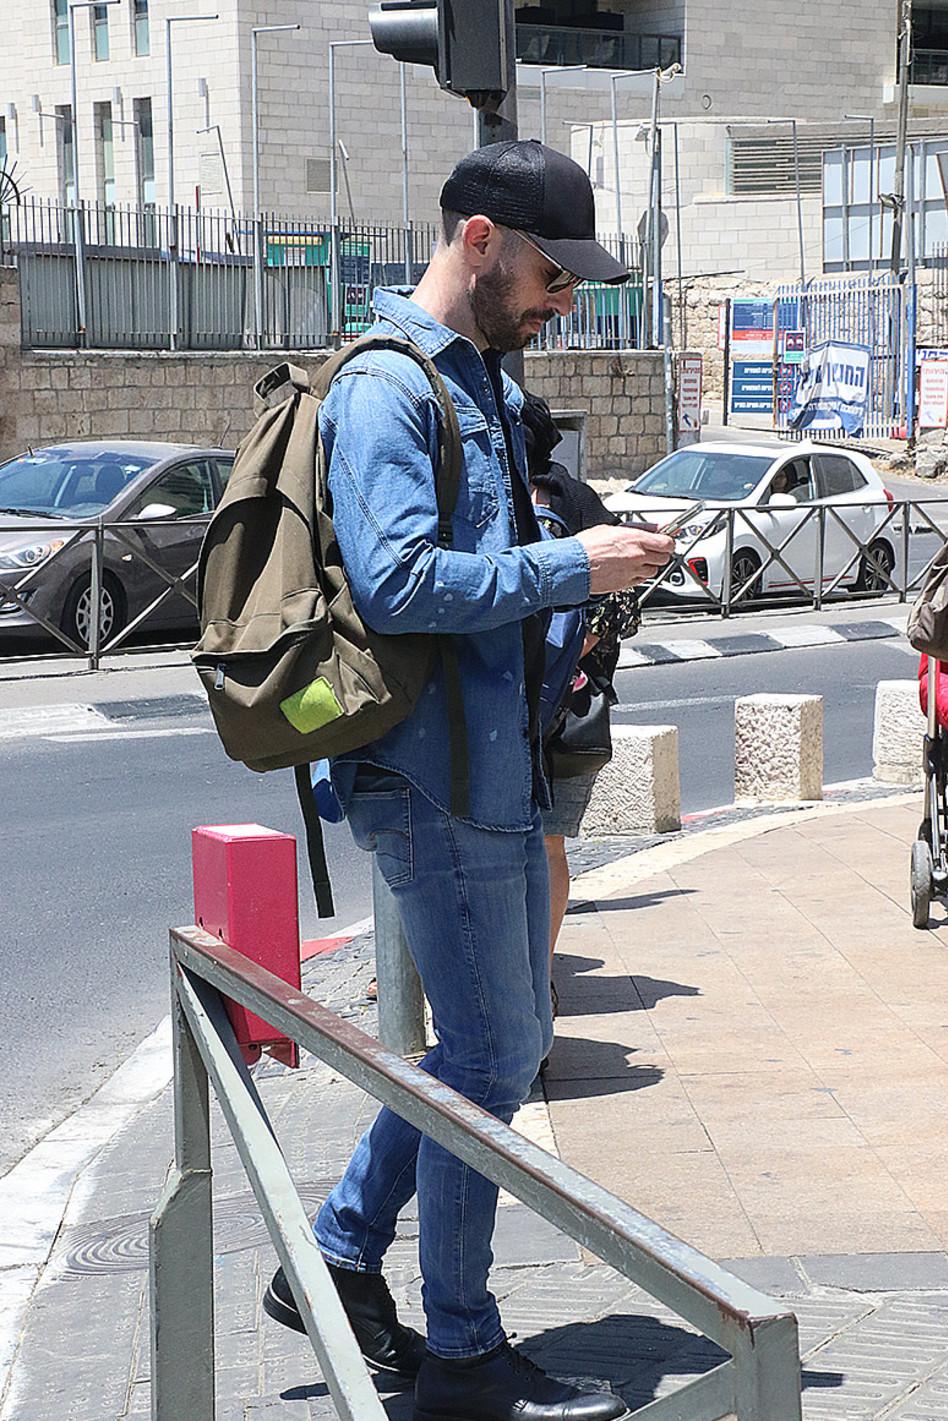 איש עסוק מאוד. חיים אתגר (צילום: פול סגל)